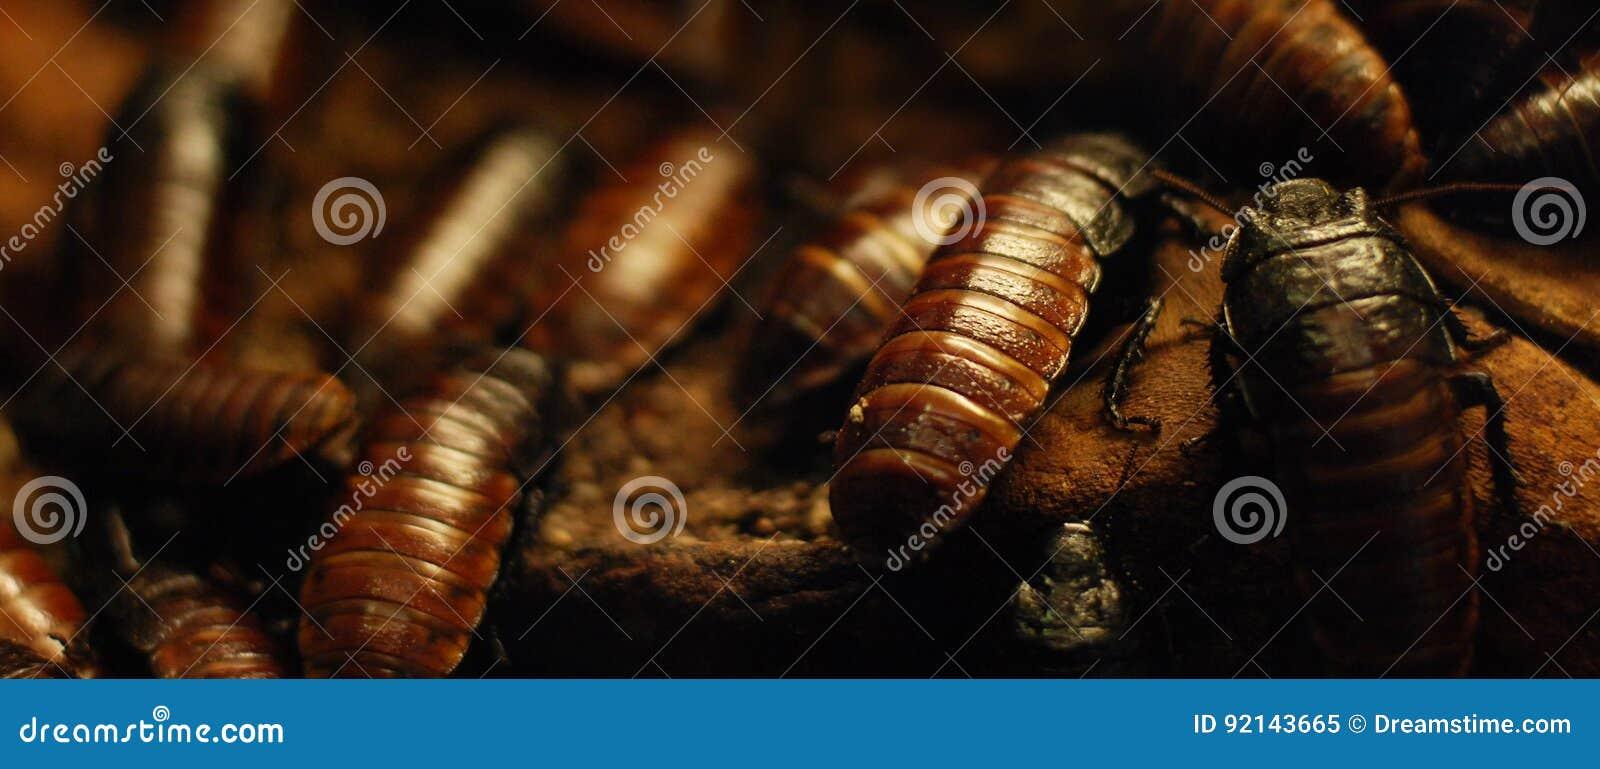 Kruipende kakkerlakken